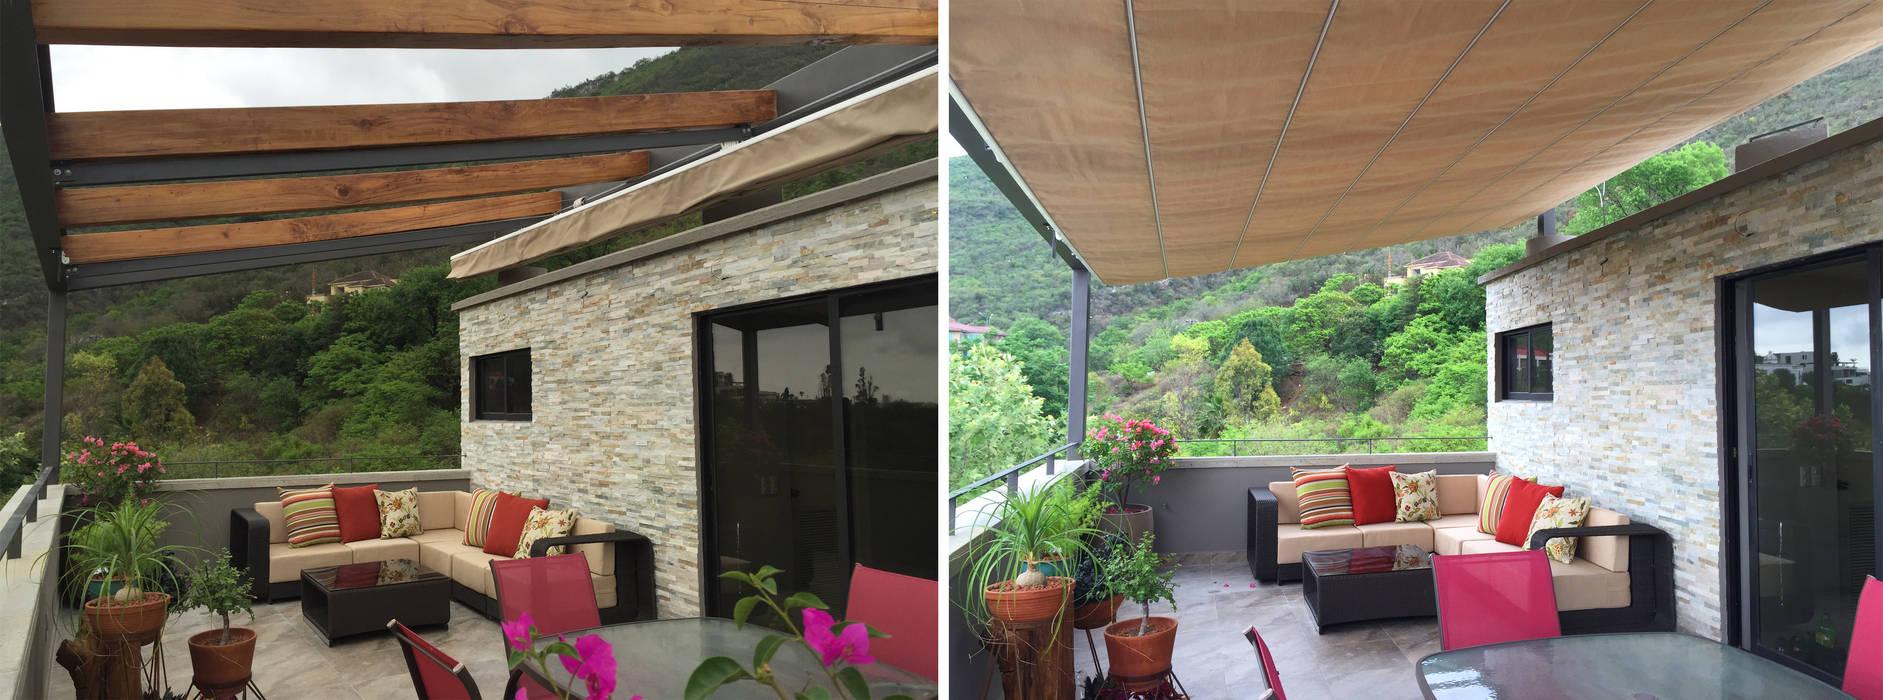 Terraza: Terrazas de estilo  por ICAZBALCETA Arquitectura y Diseño,